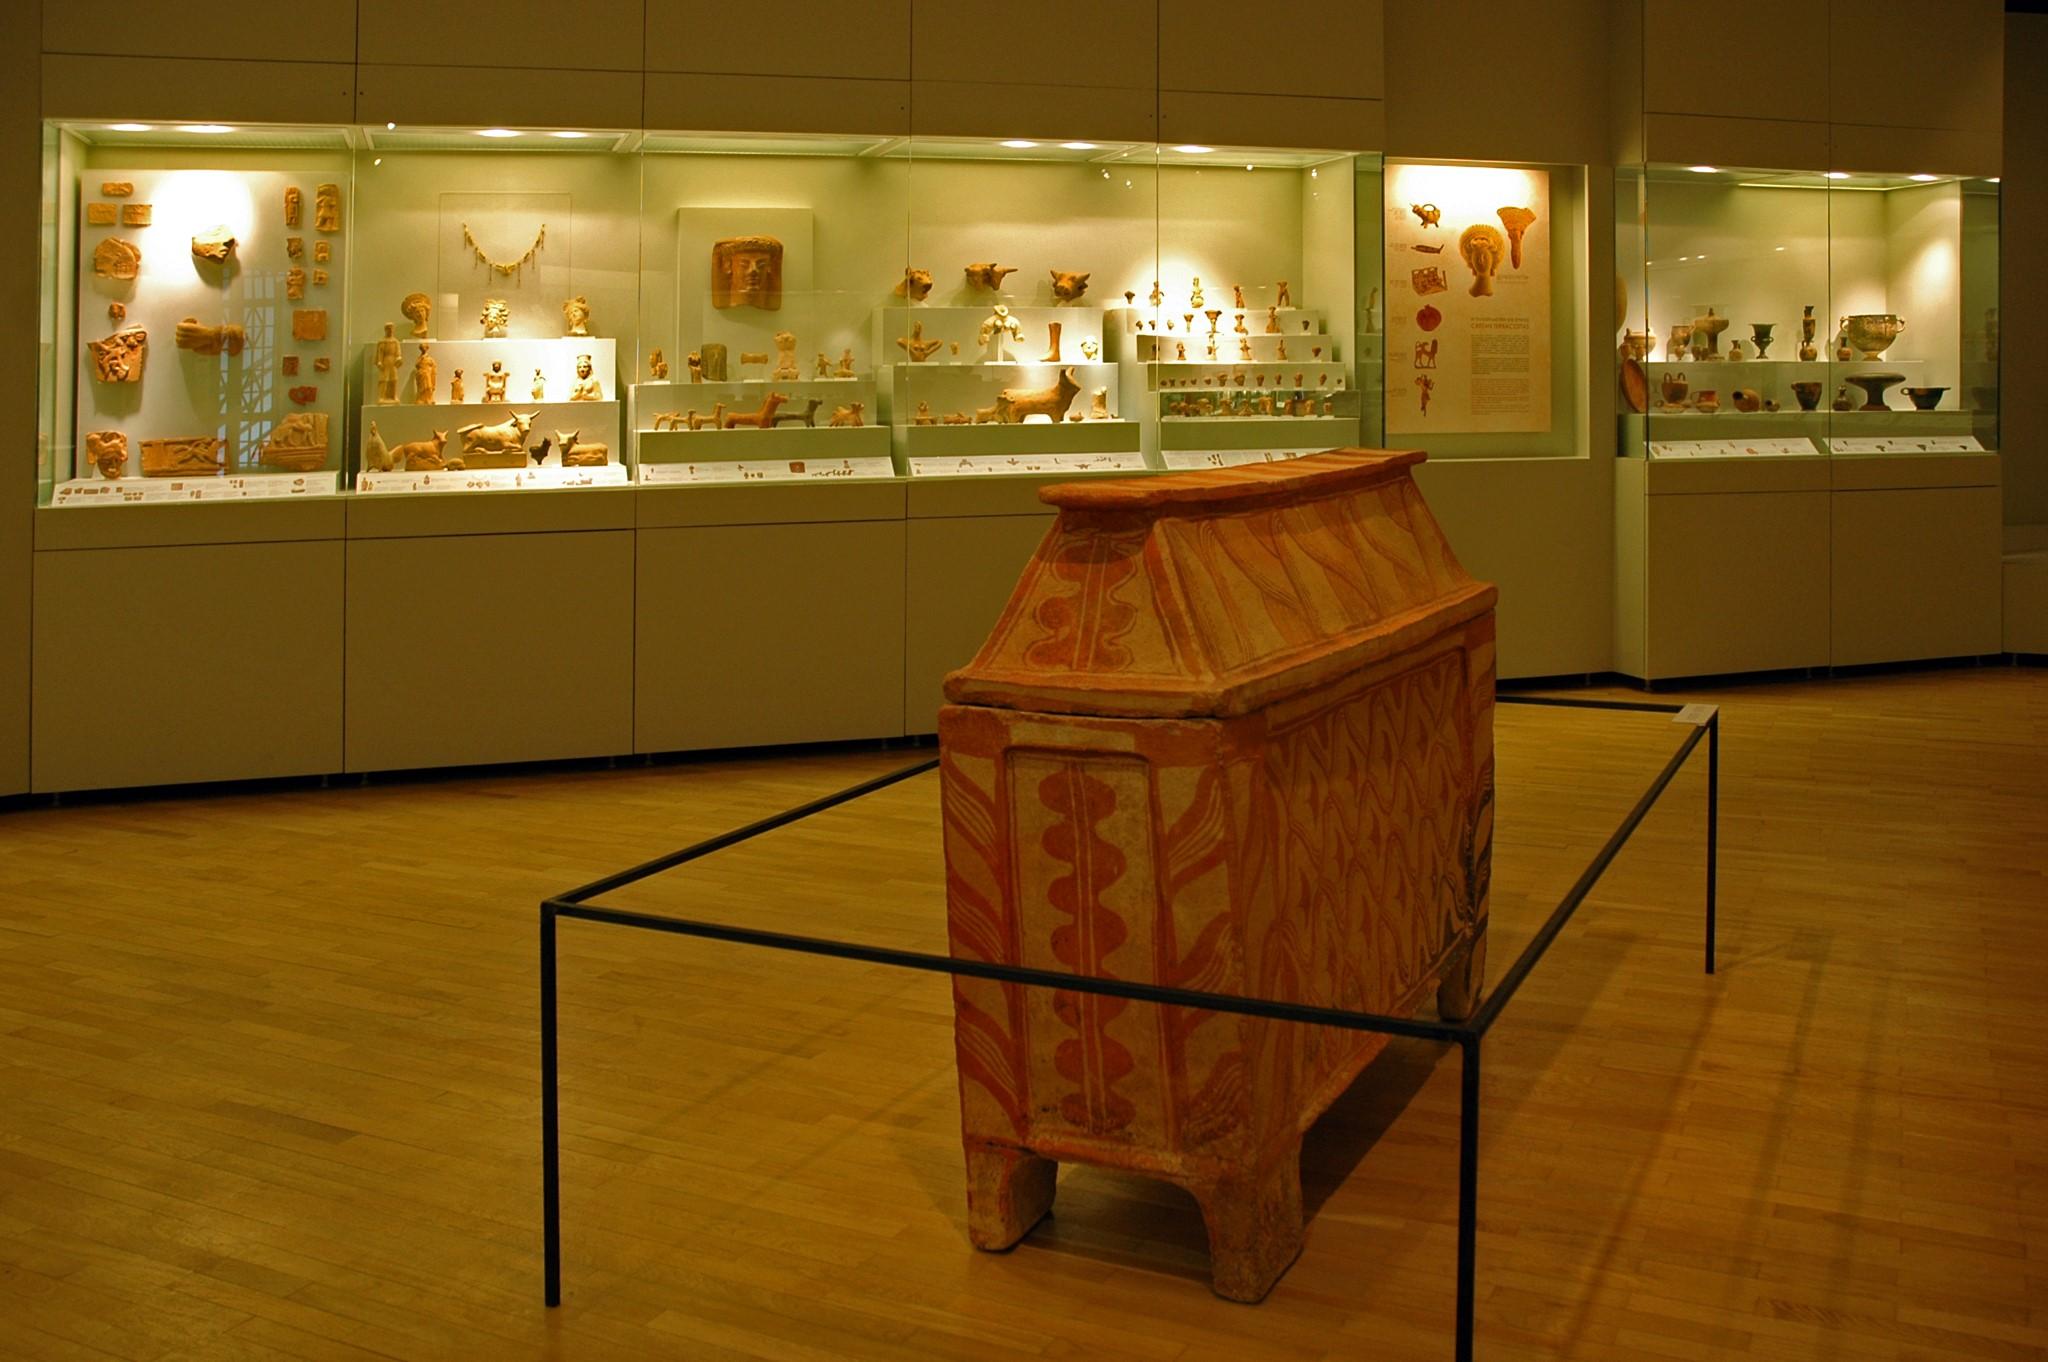 Πρόσκληση για ξενάγηση στην Αρχαιολογική Συλλογή Μαλεβιζίου